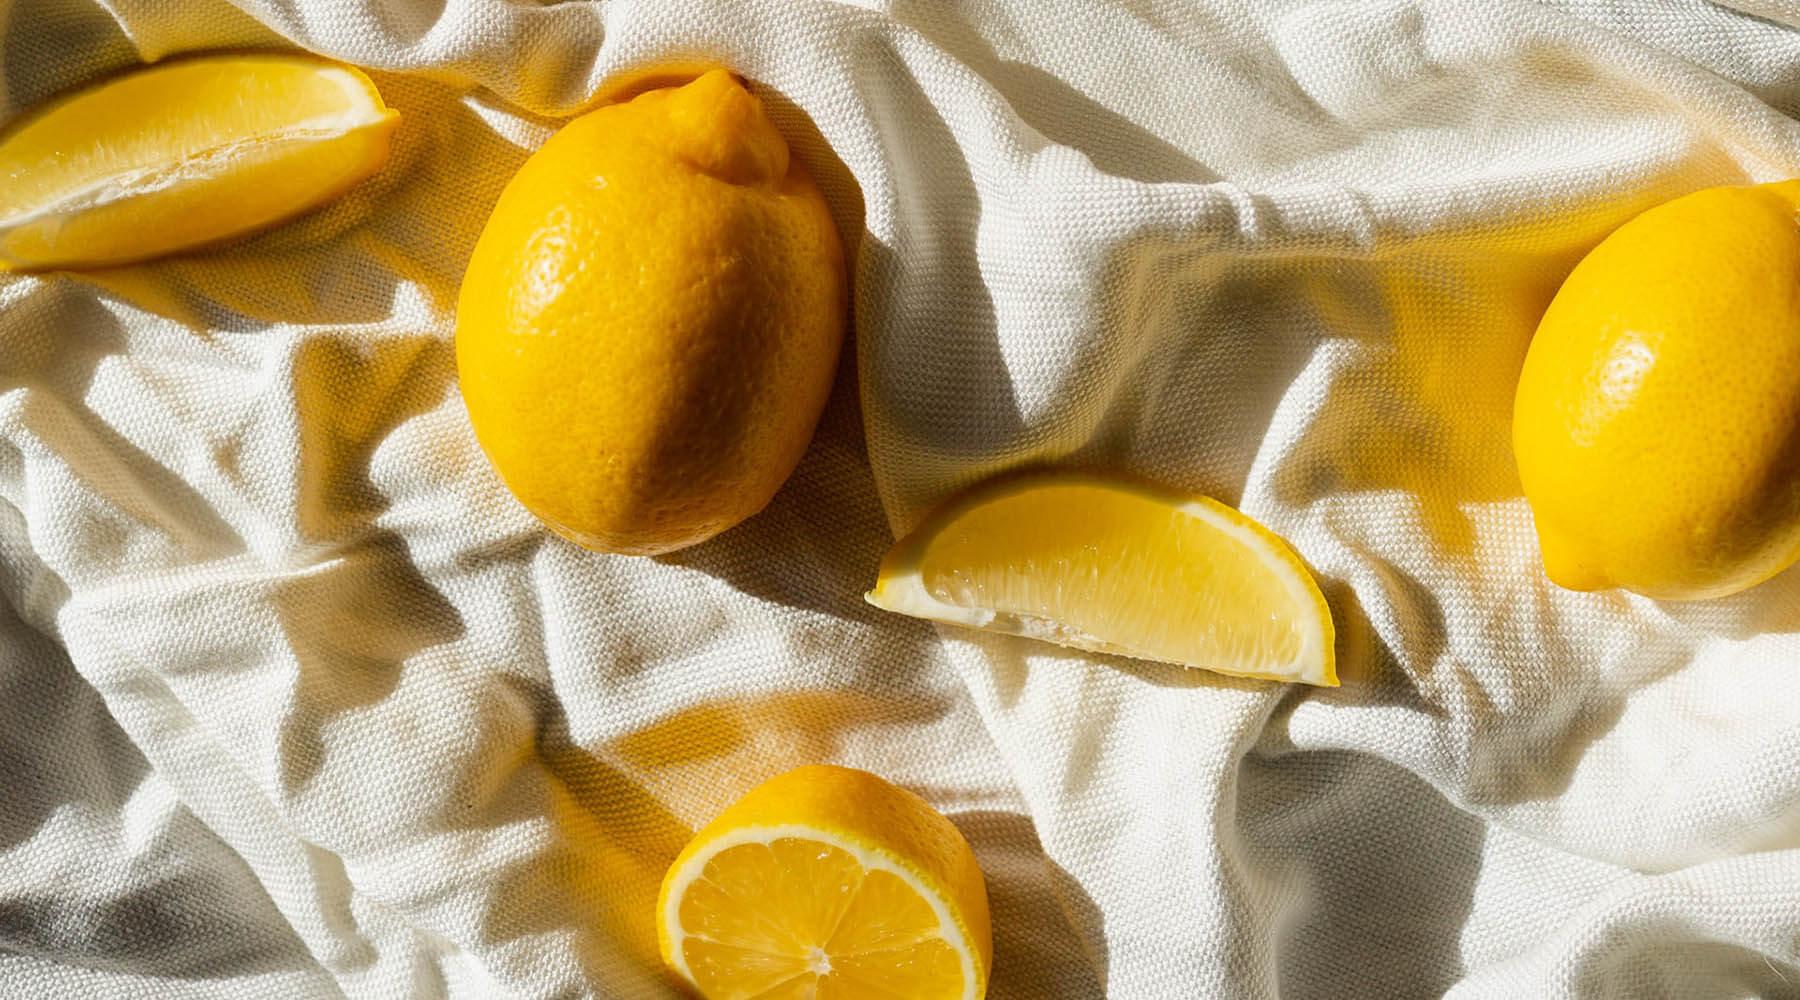 citrus notes in perfume